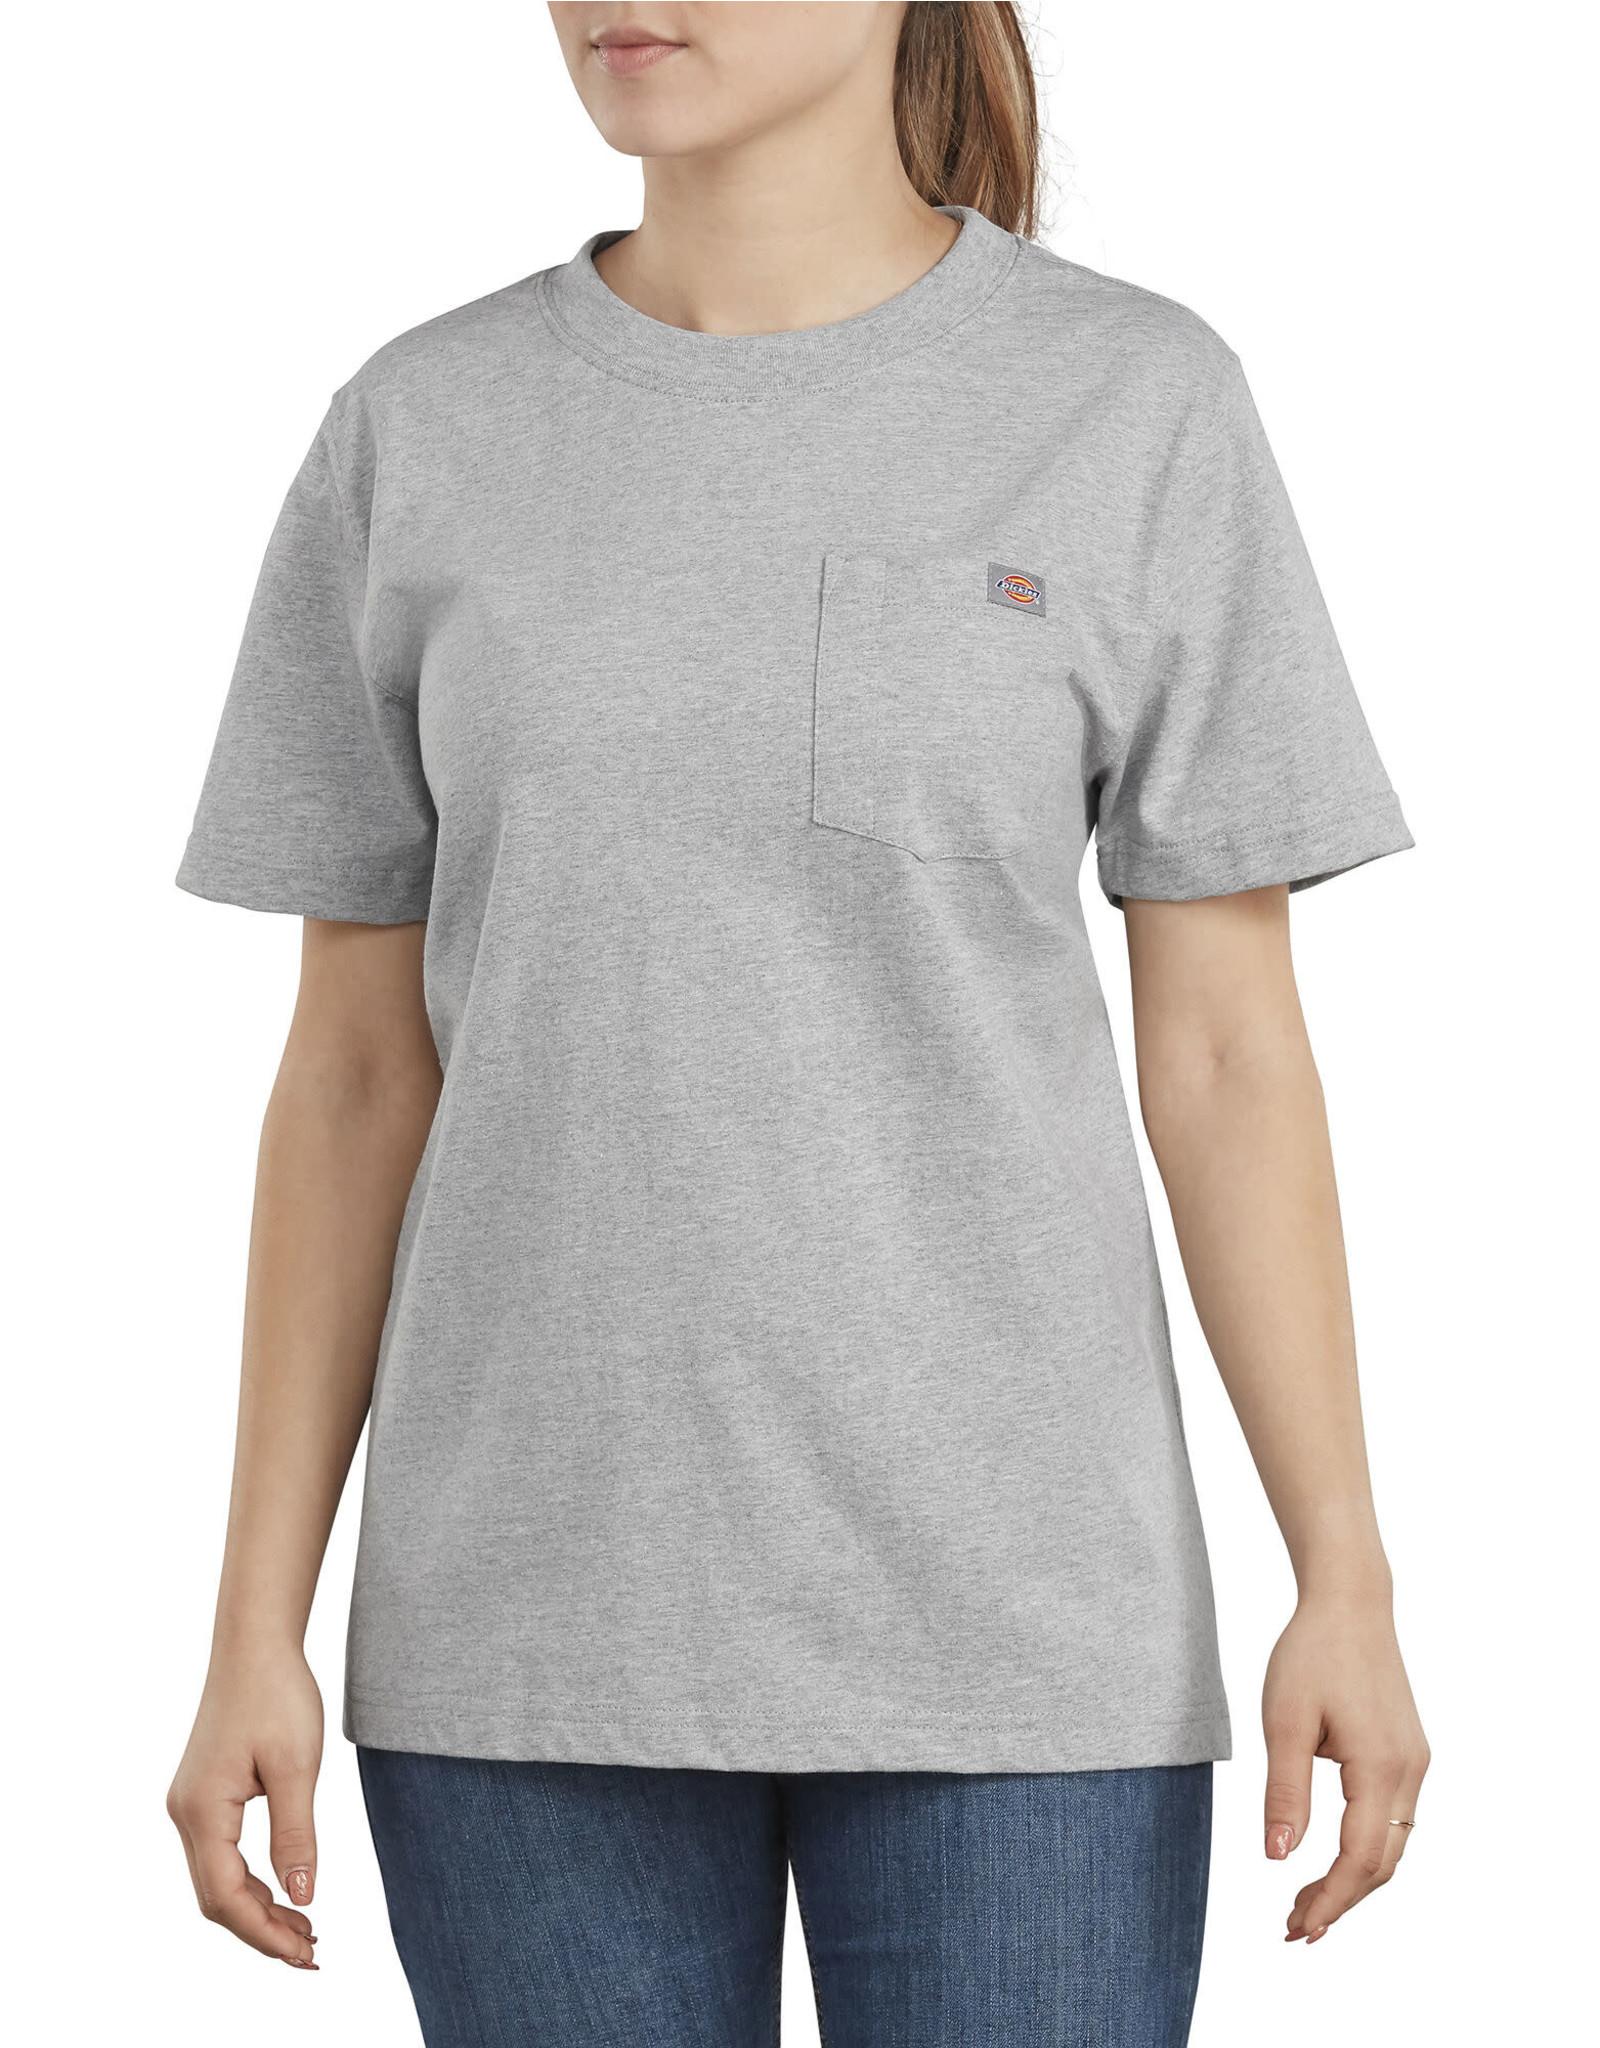 DICKIES Dickies Women's Short Sleeve Heavyweight Tee FS450